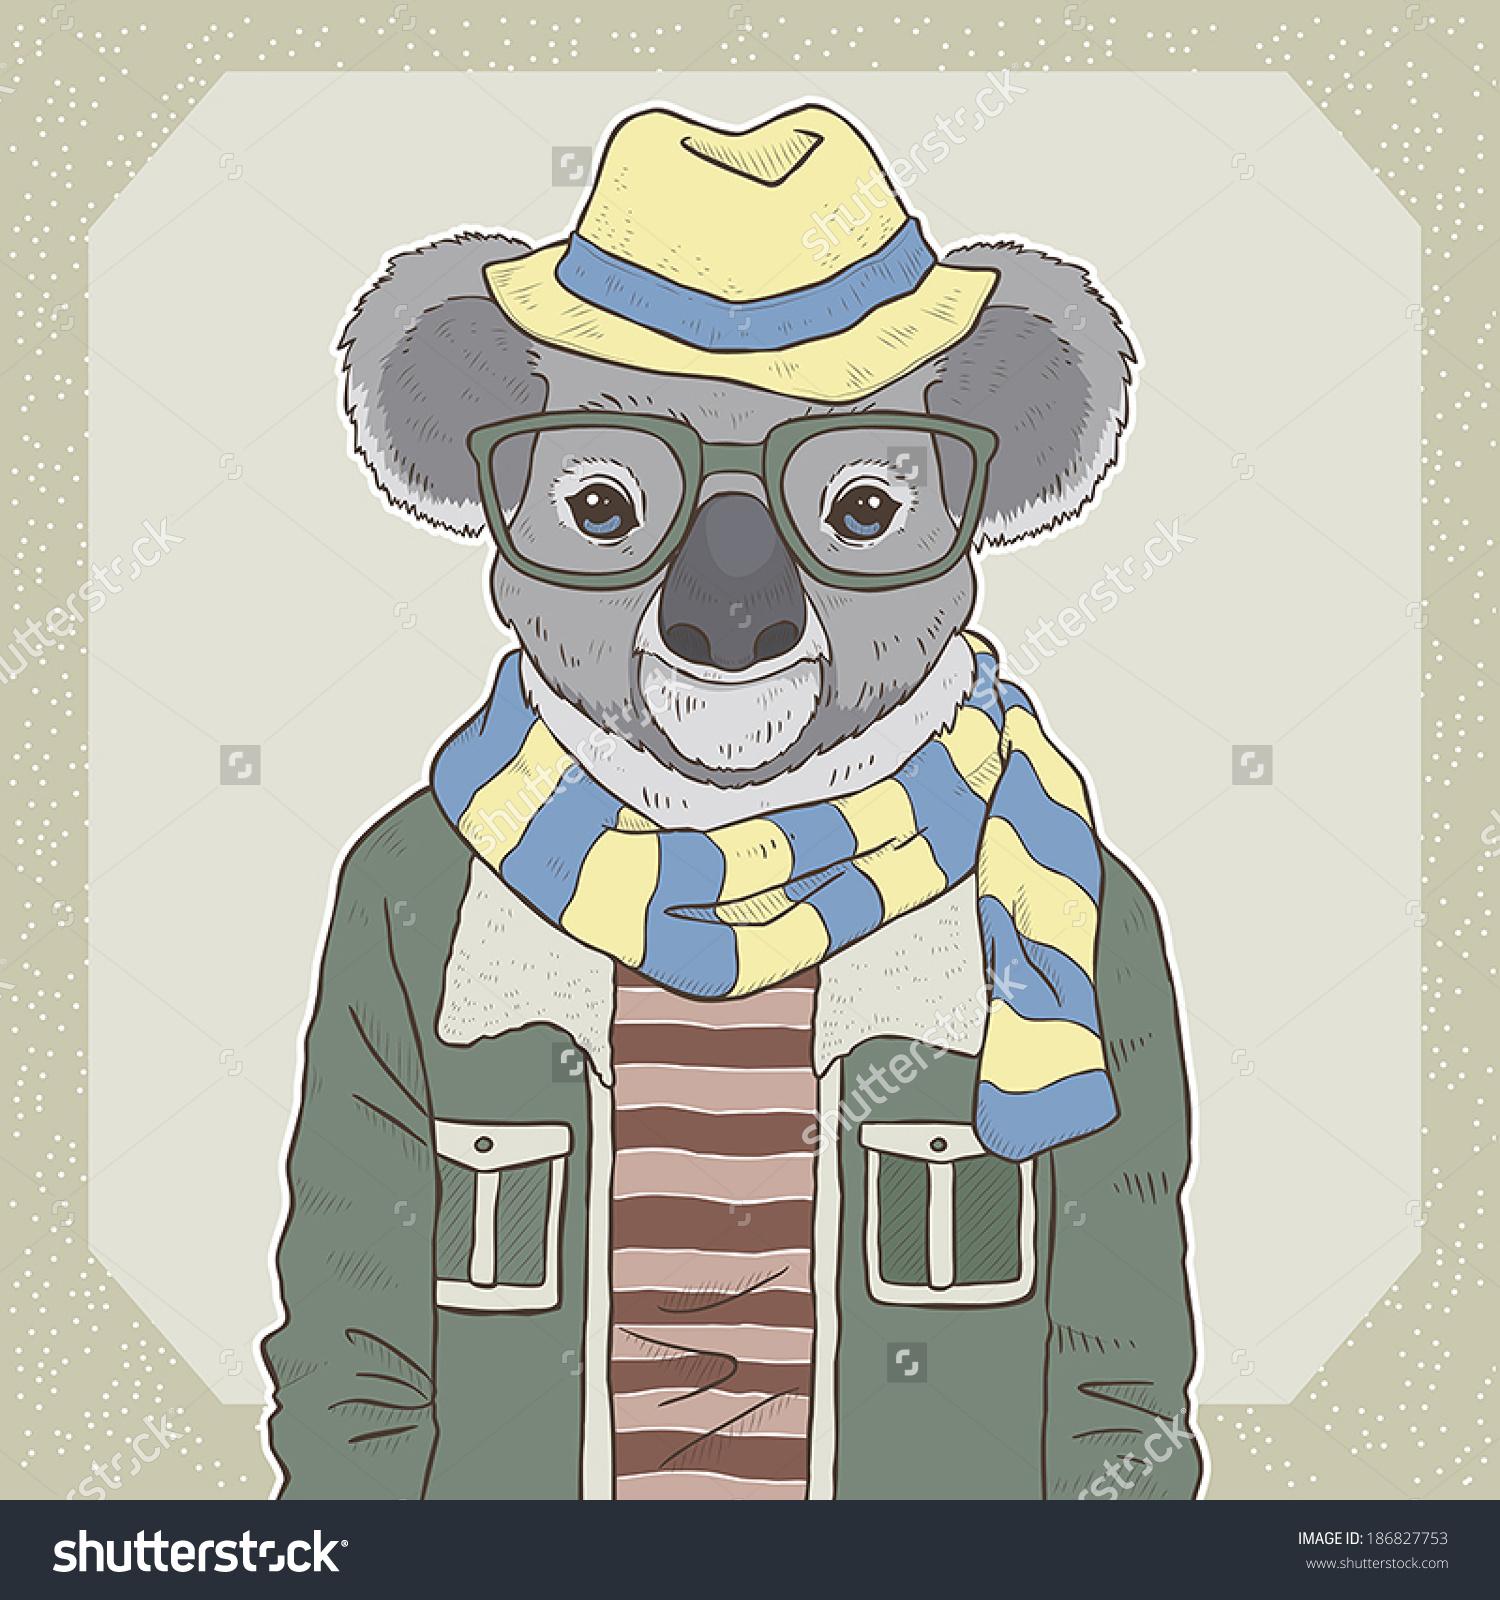 复古时尚手绘矢量插图的考拉-动物/野生生物